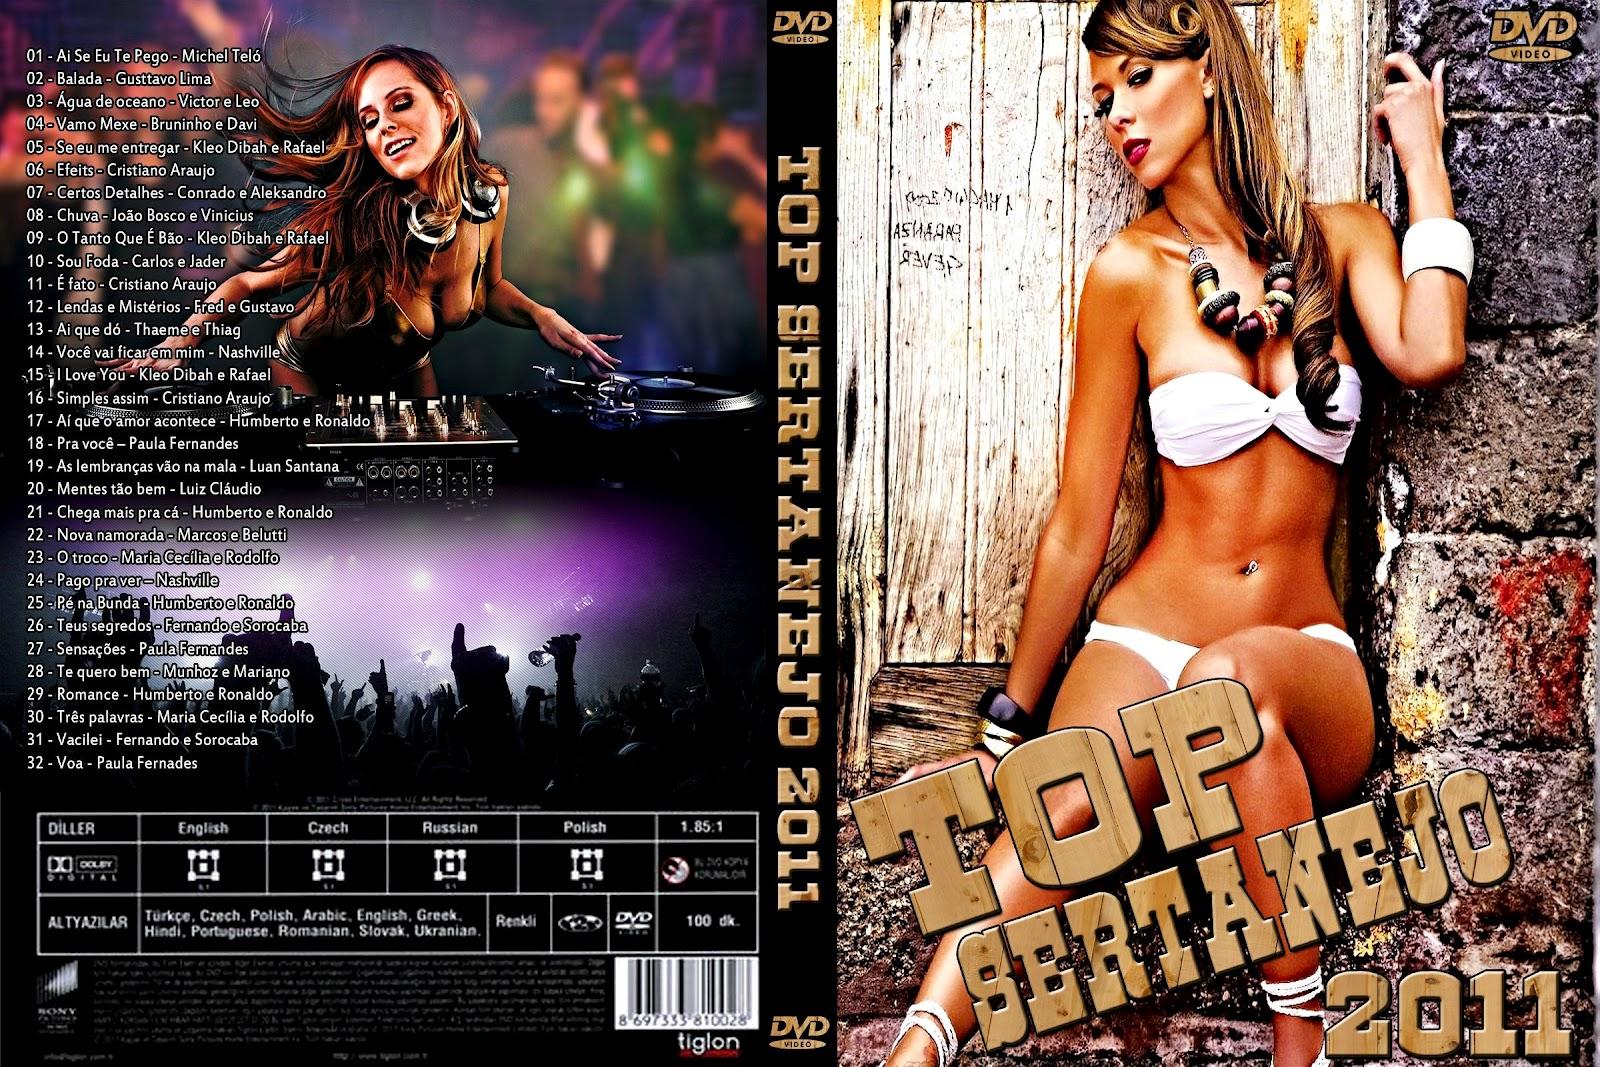 Sertanejo pra namorar download dvd